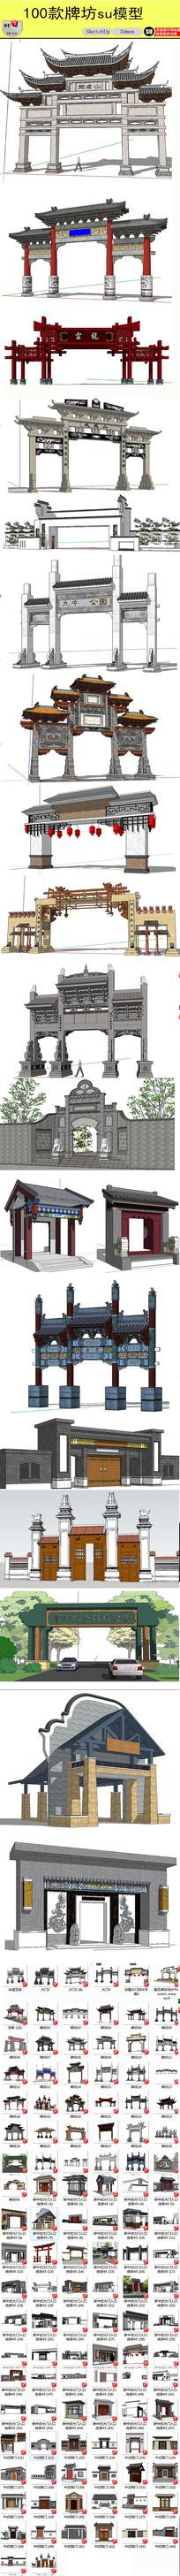 中式大门牌坊SU模型素材